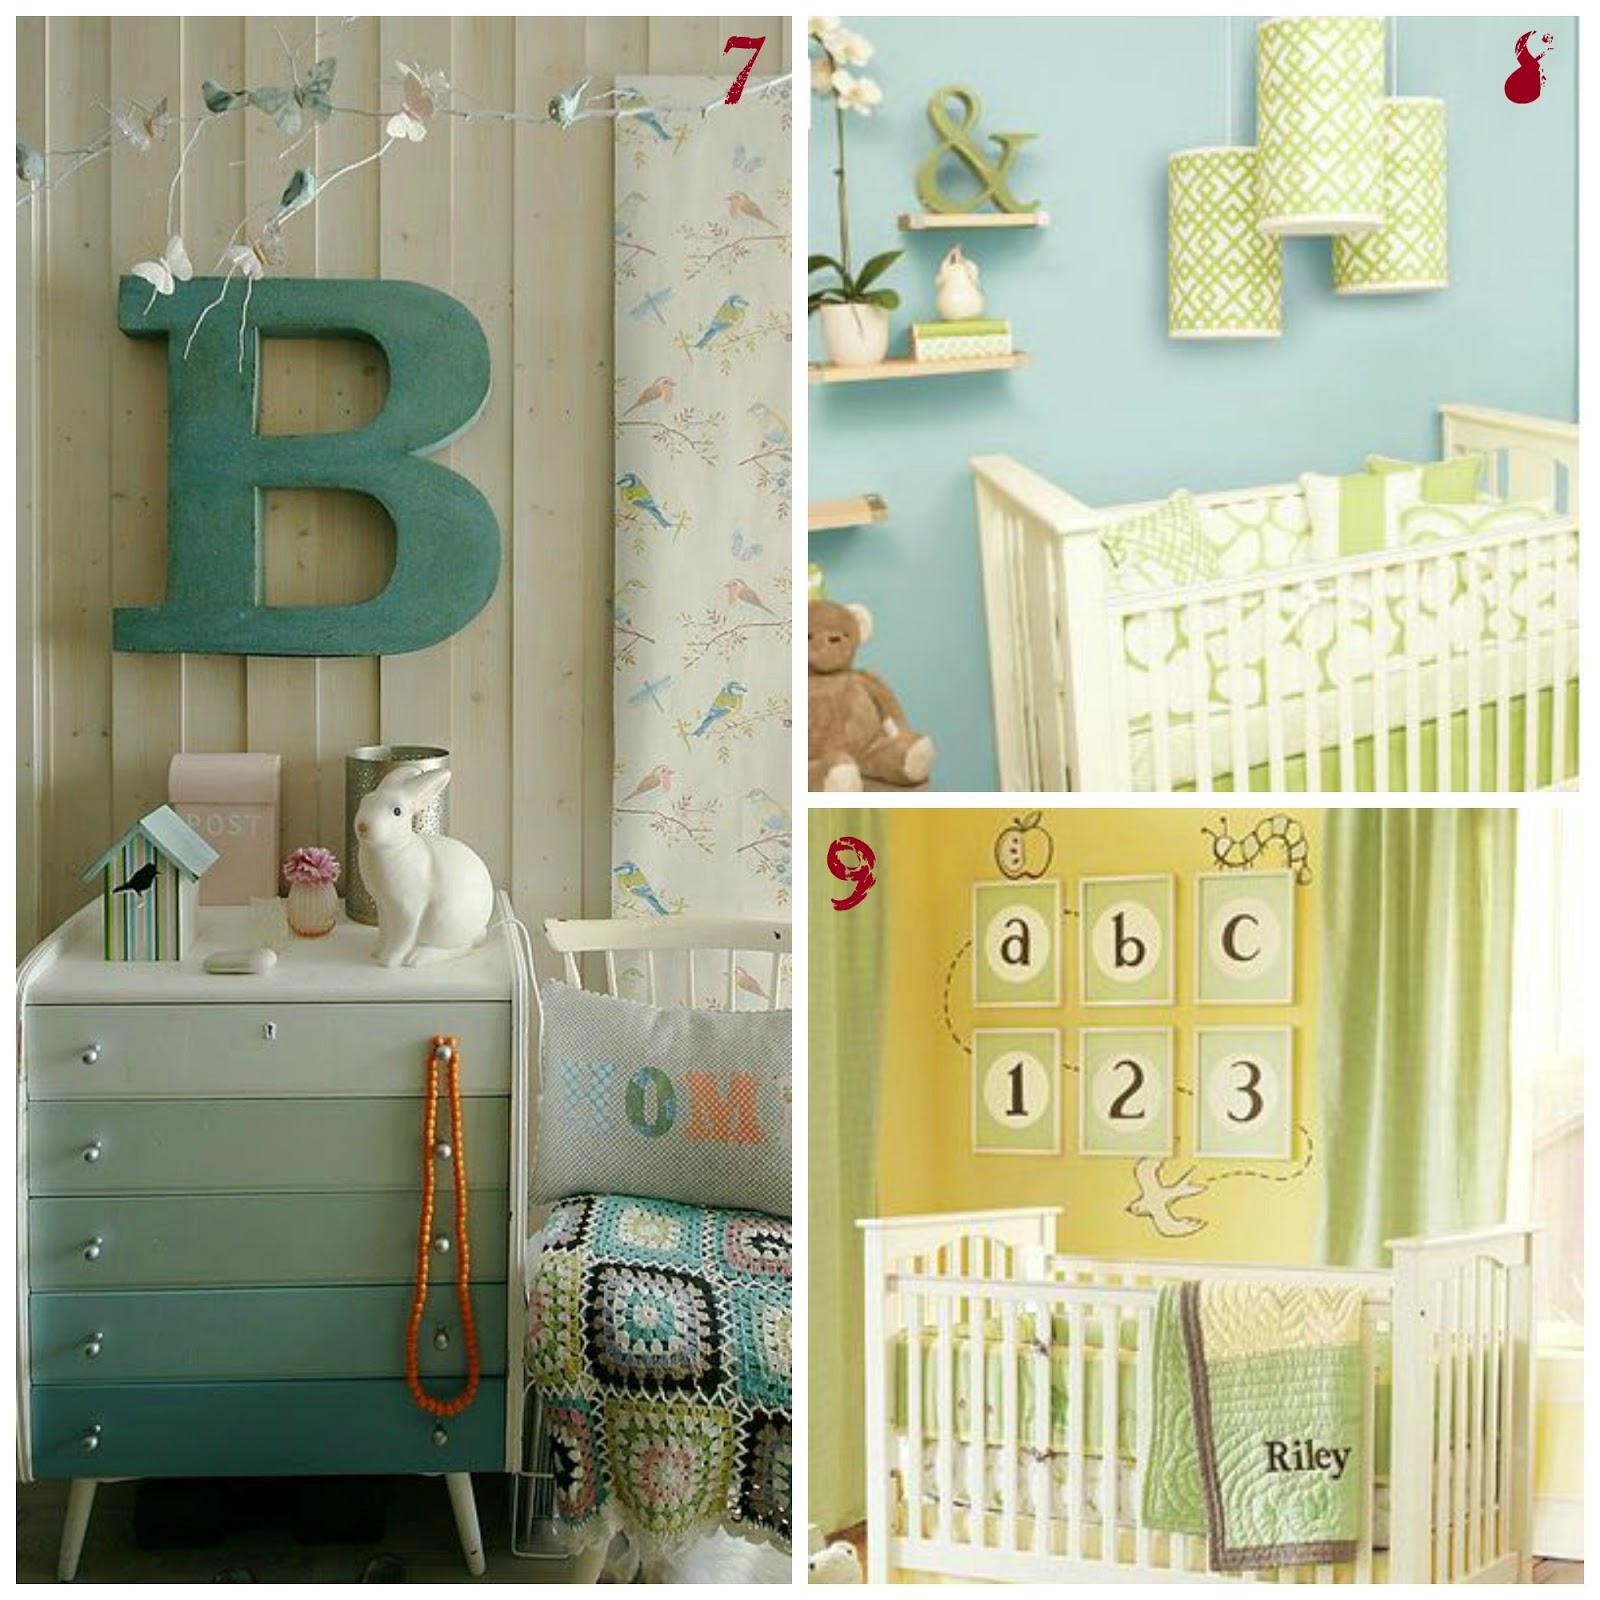 Camerette bambini idee come riordinare la cameretta idee for Decorare stanza neonato